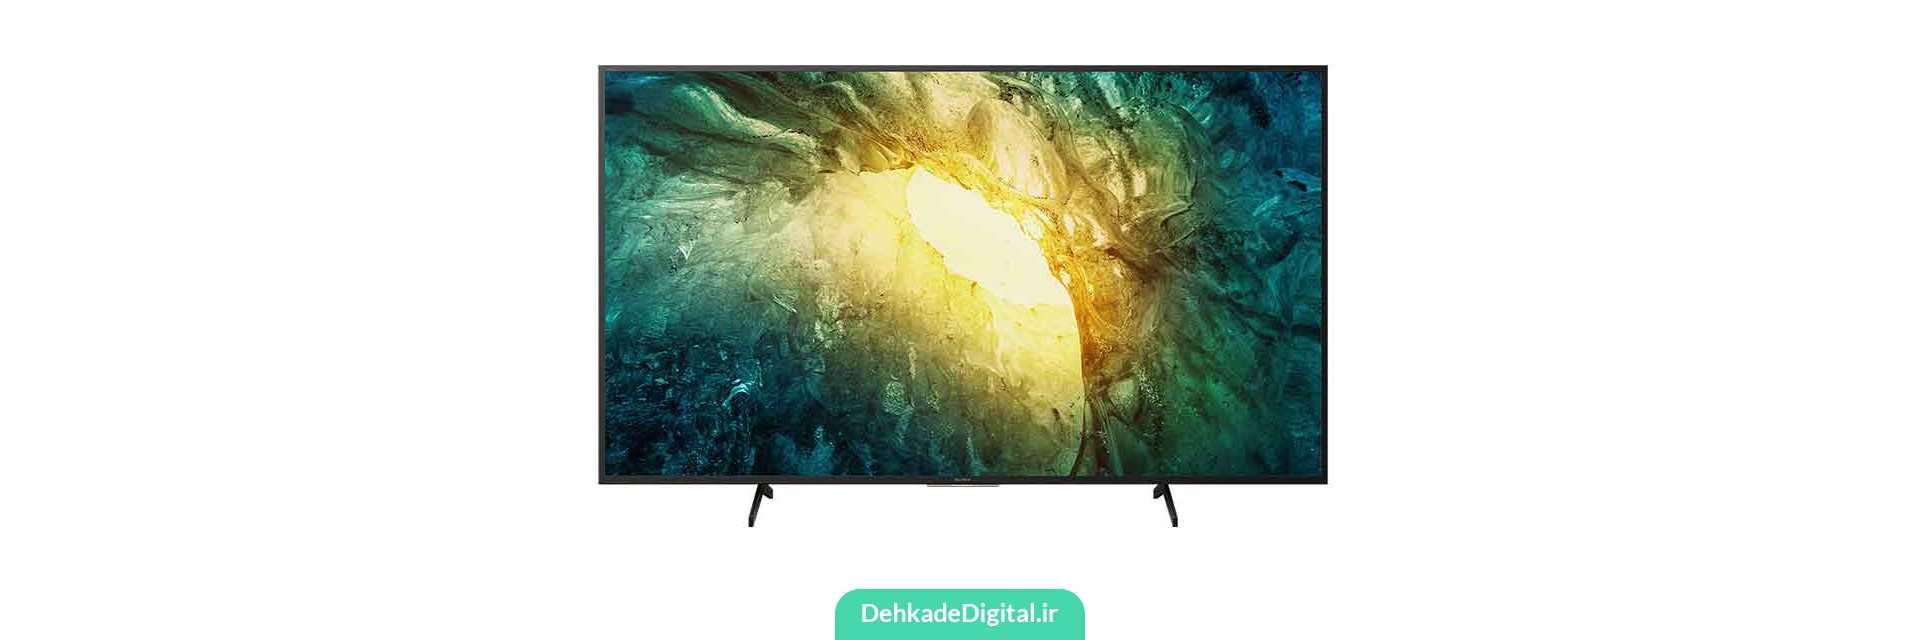 معرفی تلویزیون های سونی X7500H65